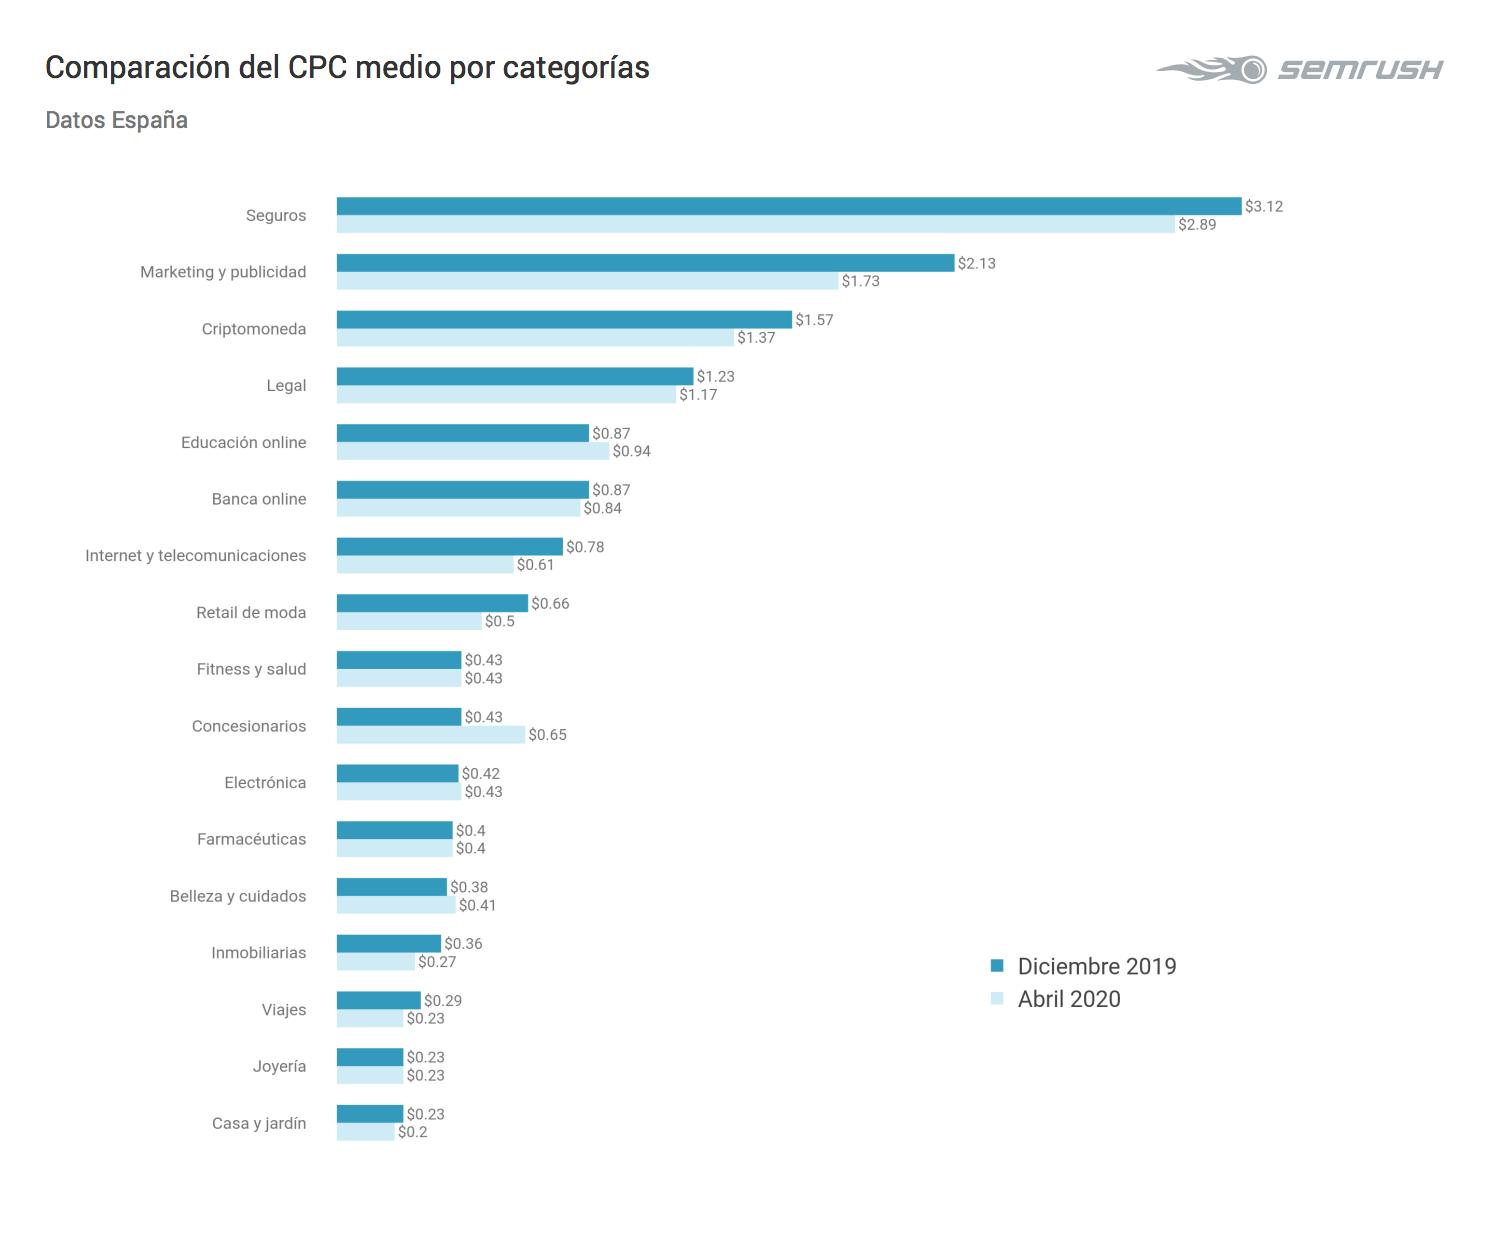 Gasto en publicidad - CPC promedio por categorías